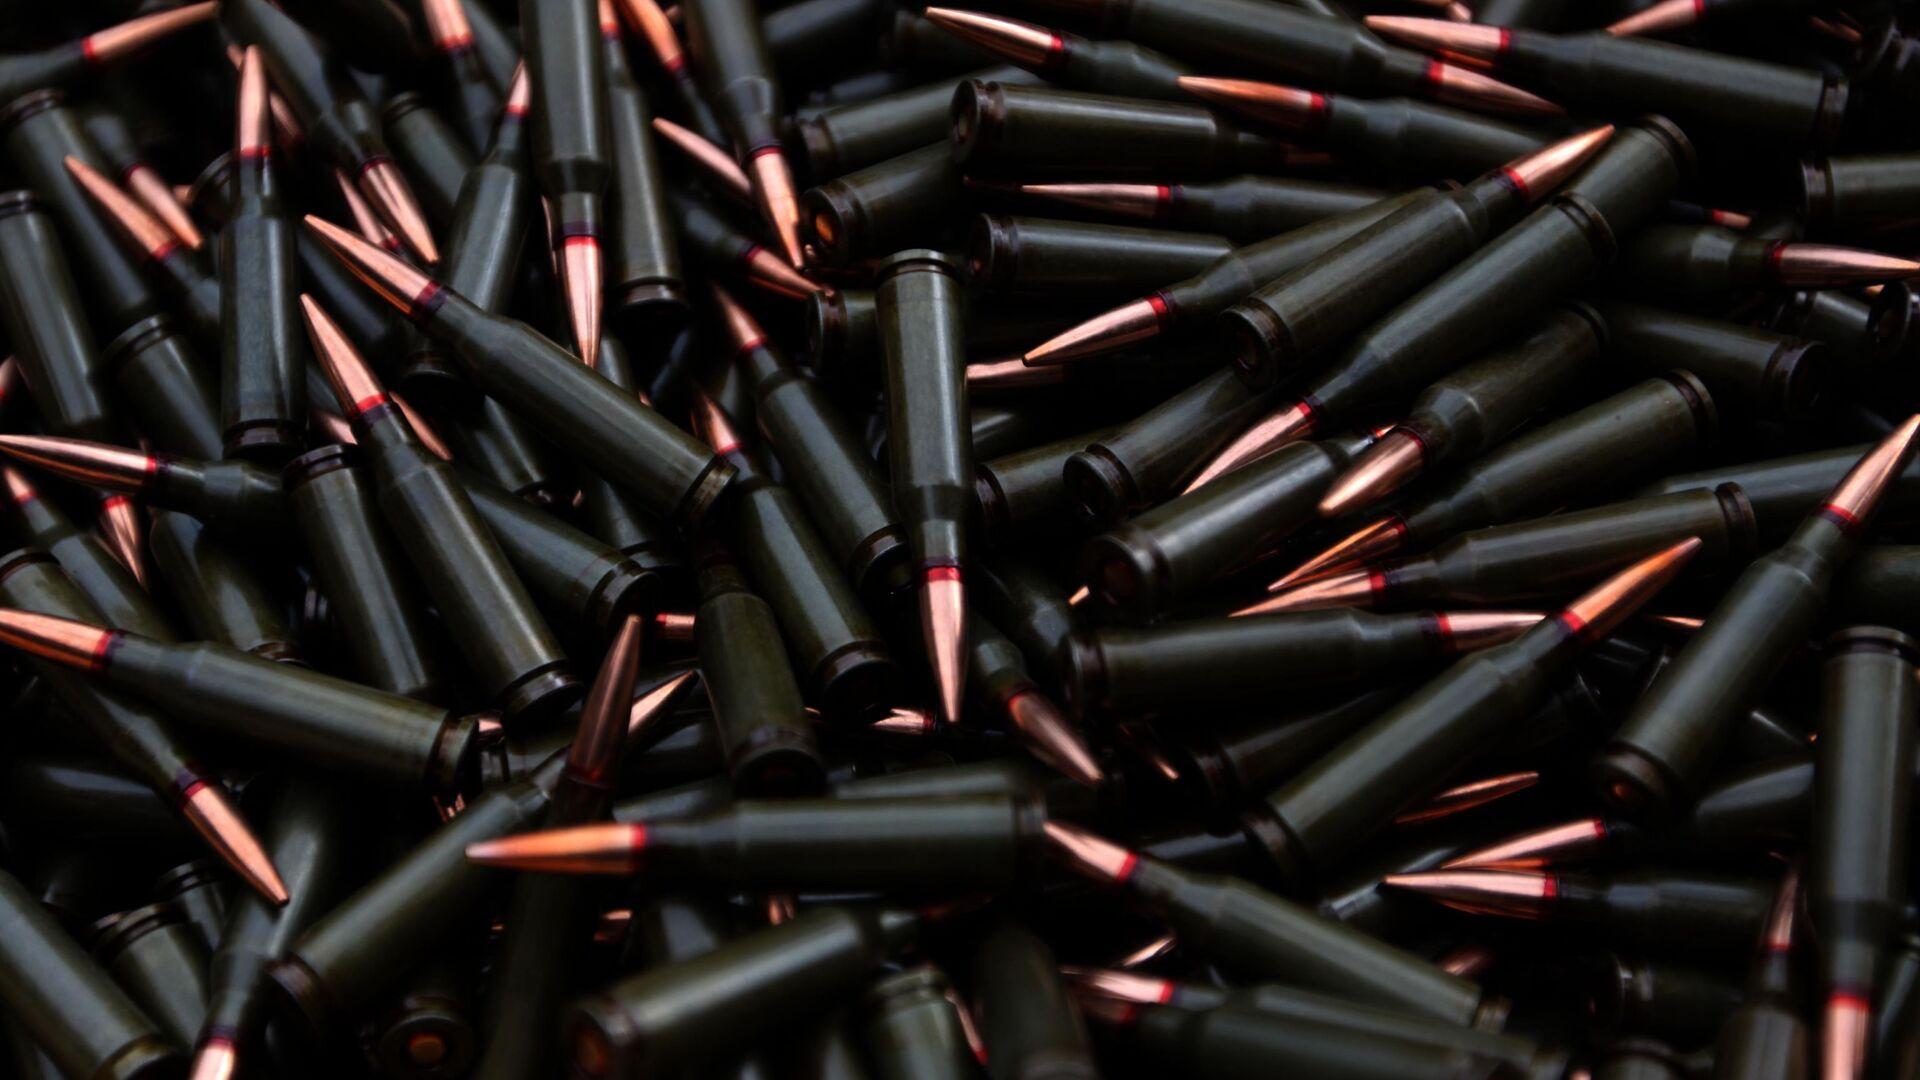 Viên đạn có kích thước 5,45 x 39 mm. - Sputnik Việt Nam, 1920, 12.10.2021